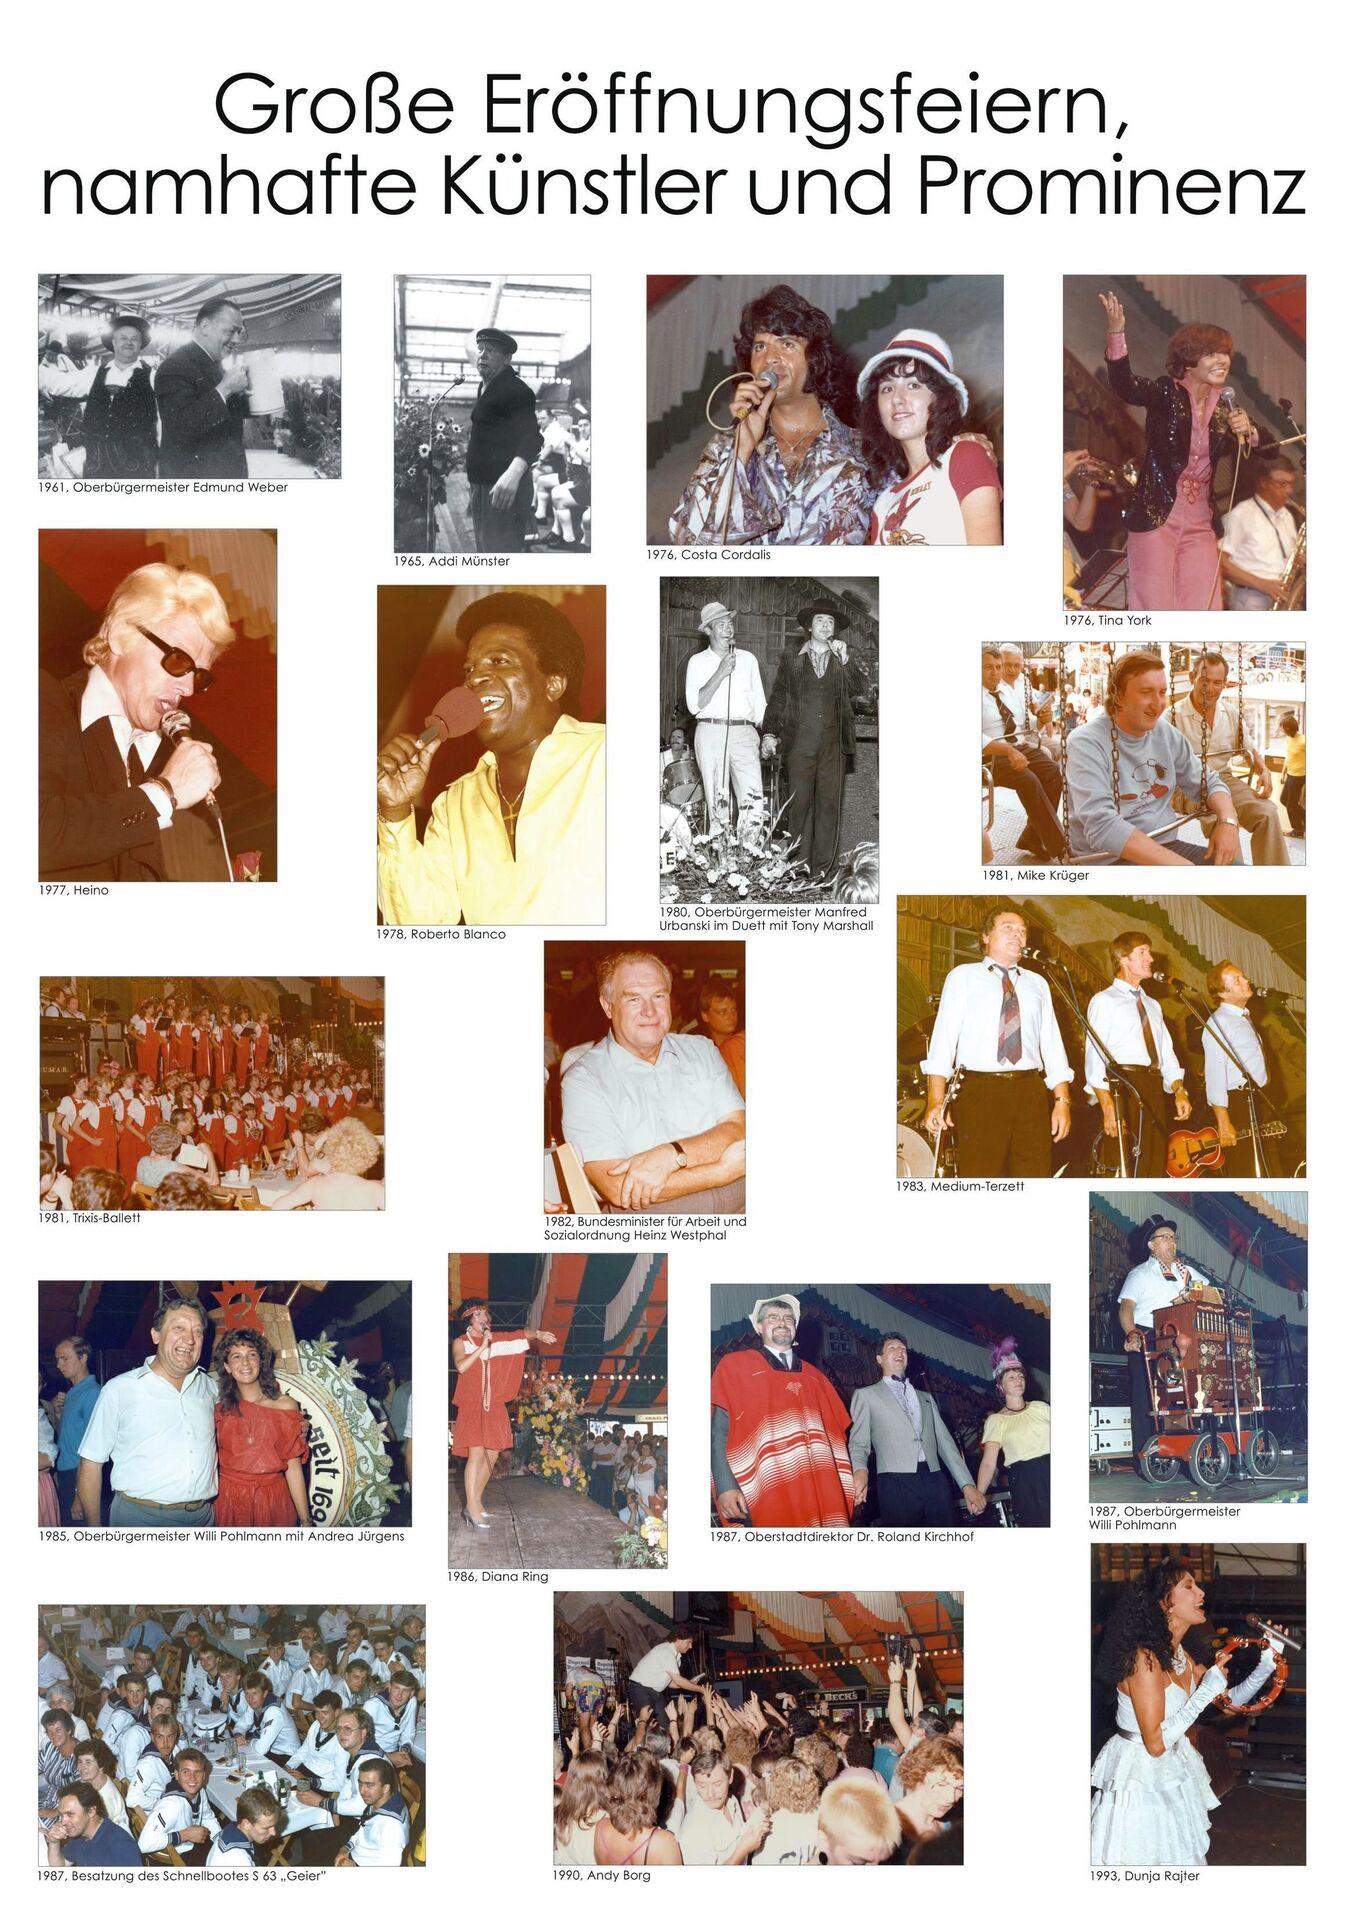 Große Eröffnungsfeiern, namhafte Künstler und Prominenz, Tafel 1.jpg